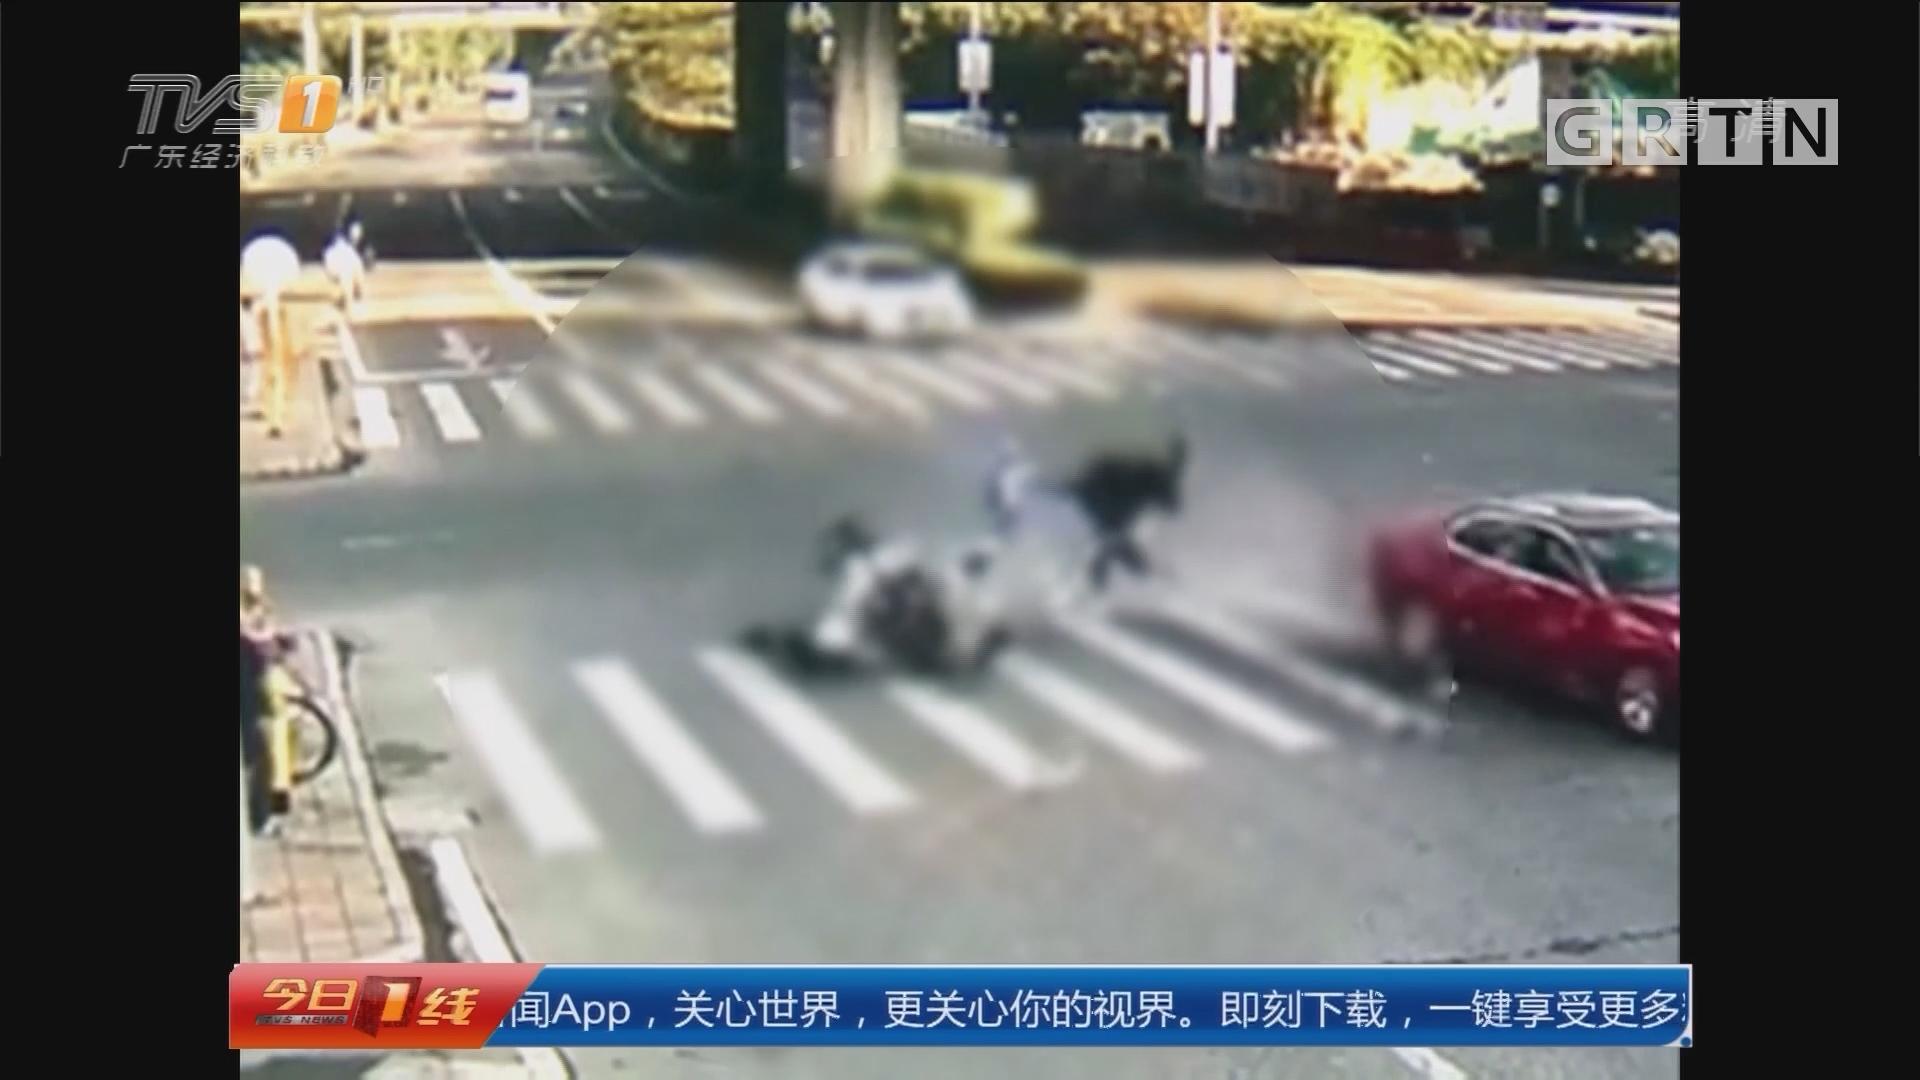 深圳横岗:骑摩托搭俩孩子上学出车祸 警方调查